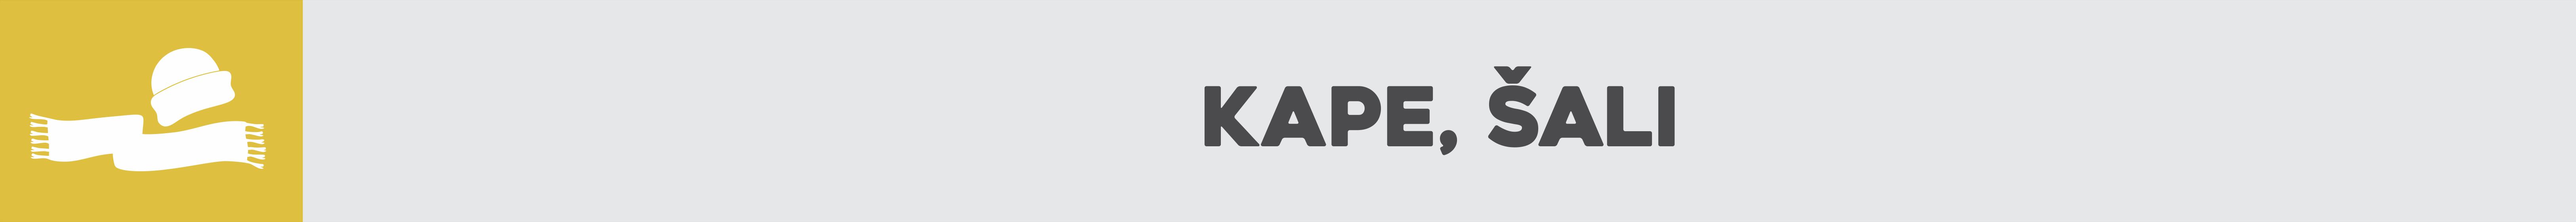 kape_sali